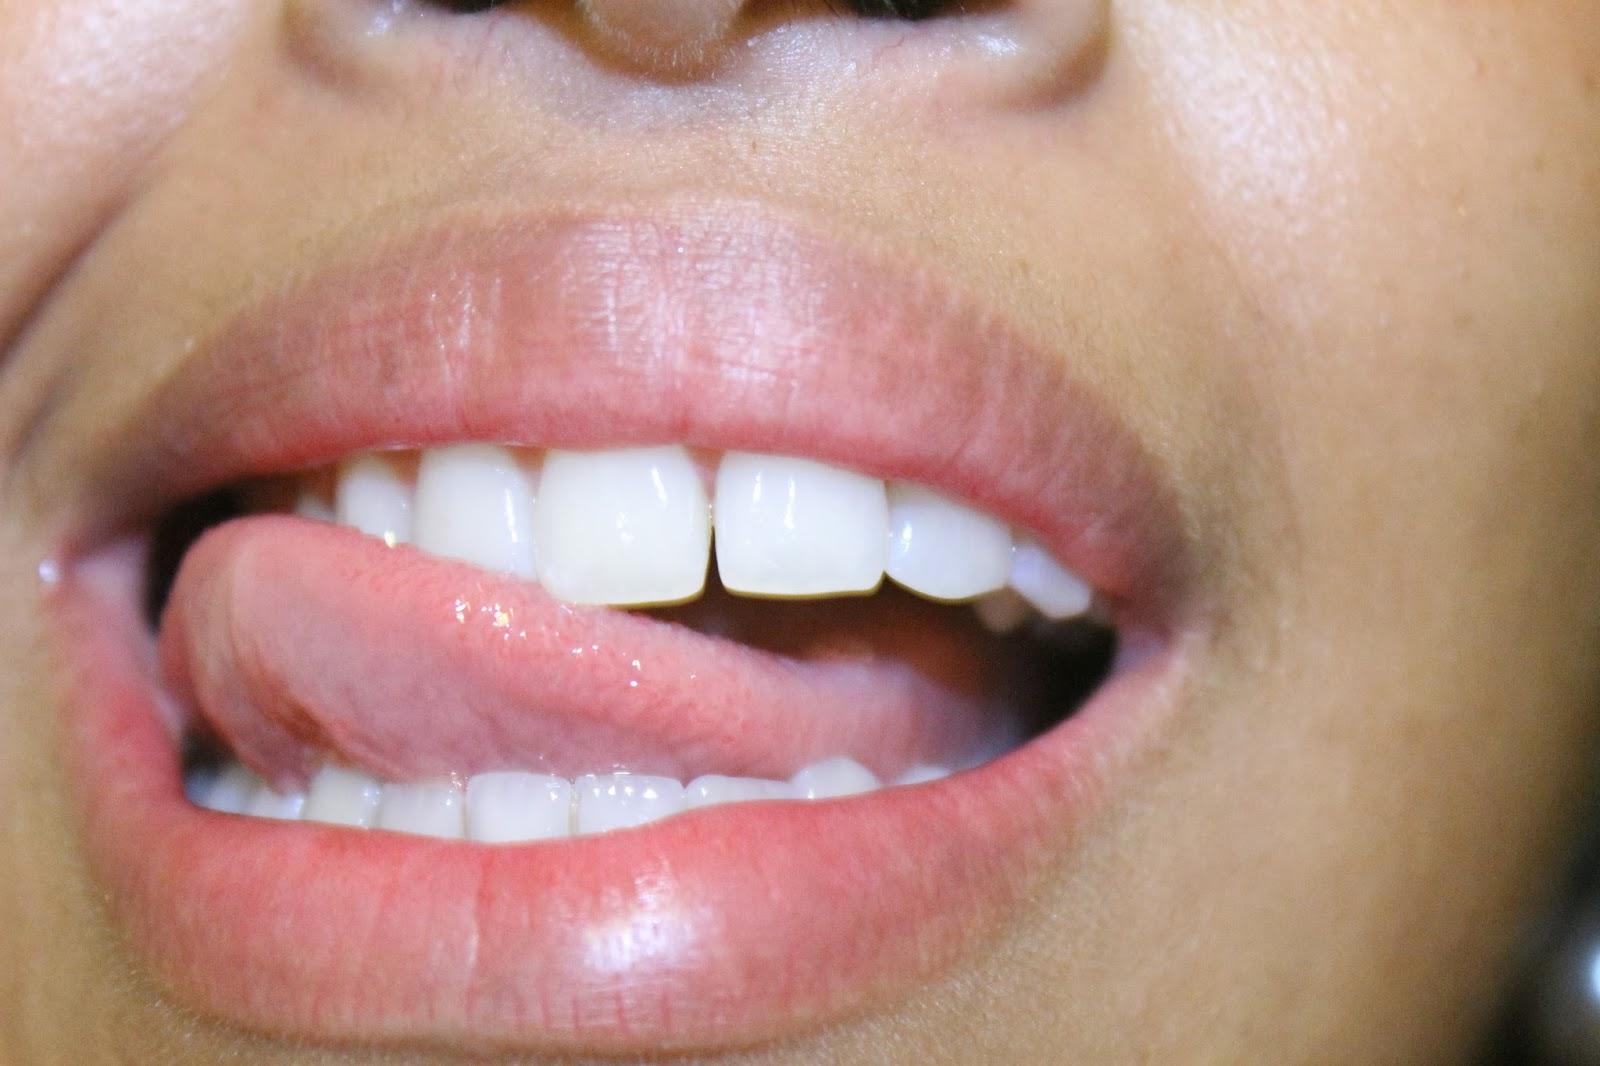 eau oxygne dents blanches best eau oxygne dents blanches with eau oxygne dents blanches. Black Bedroom Furniture Sets. Home Design Ideas